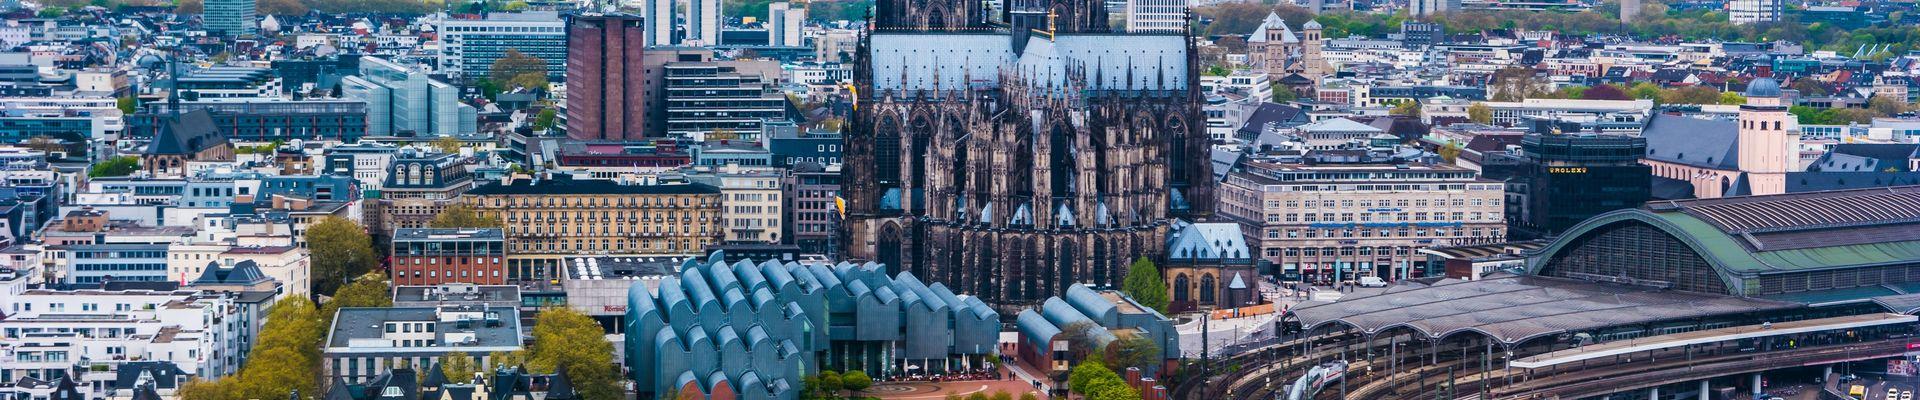 Hochzeitslocation Nordrhein-Westfalen, Hochzeitslocation Köln